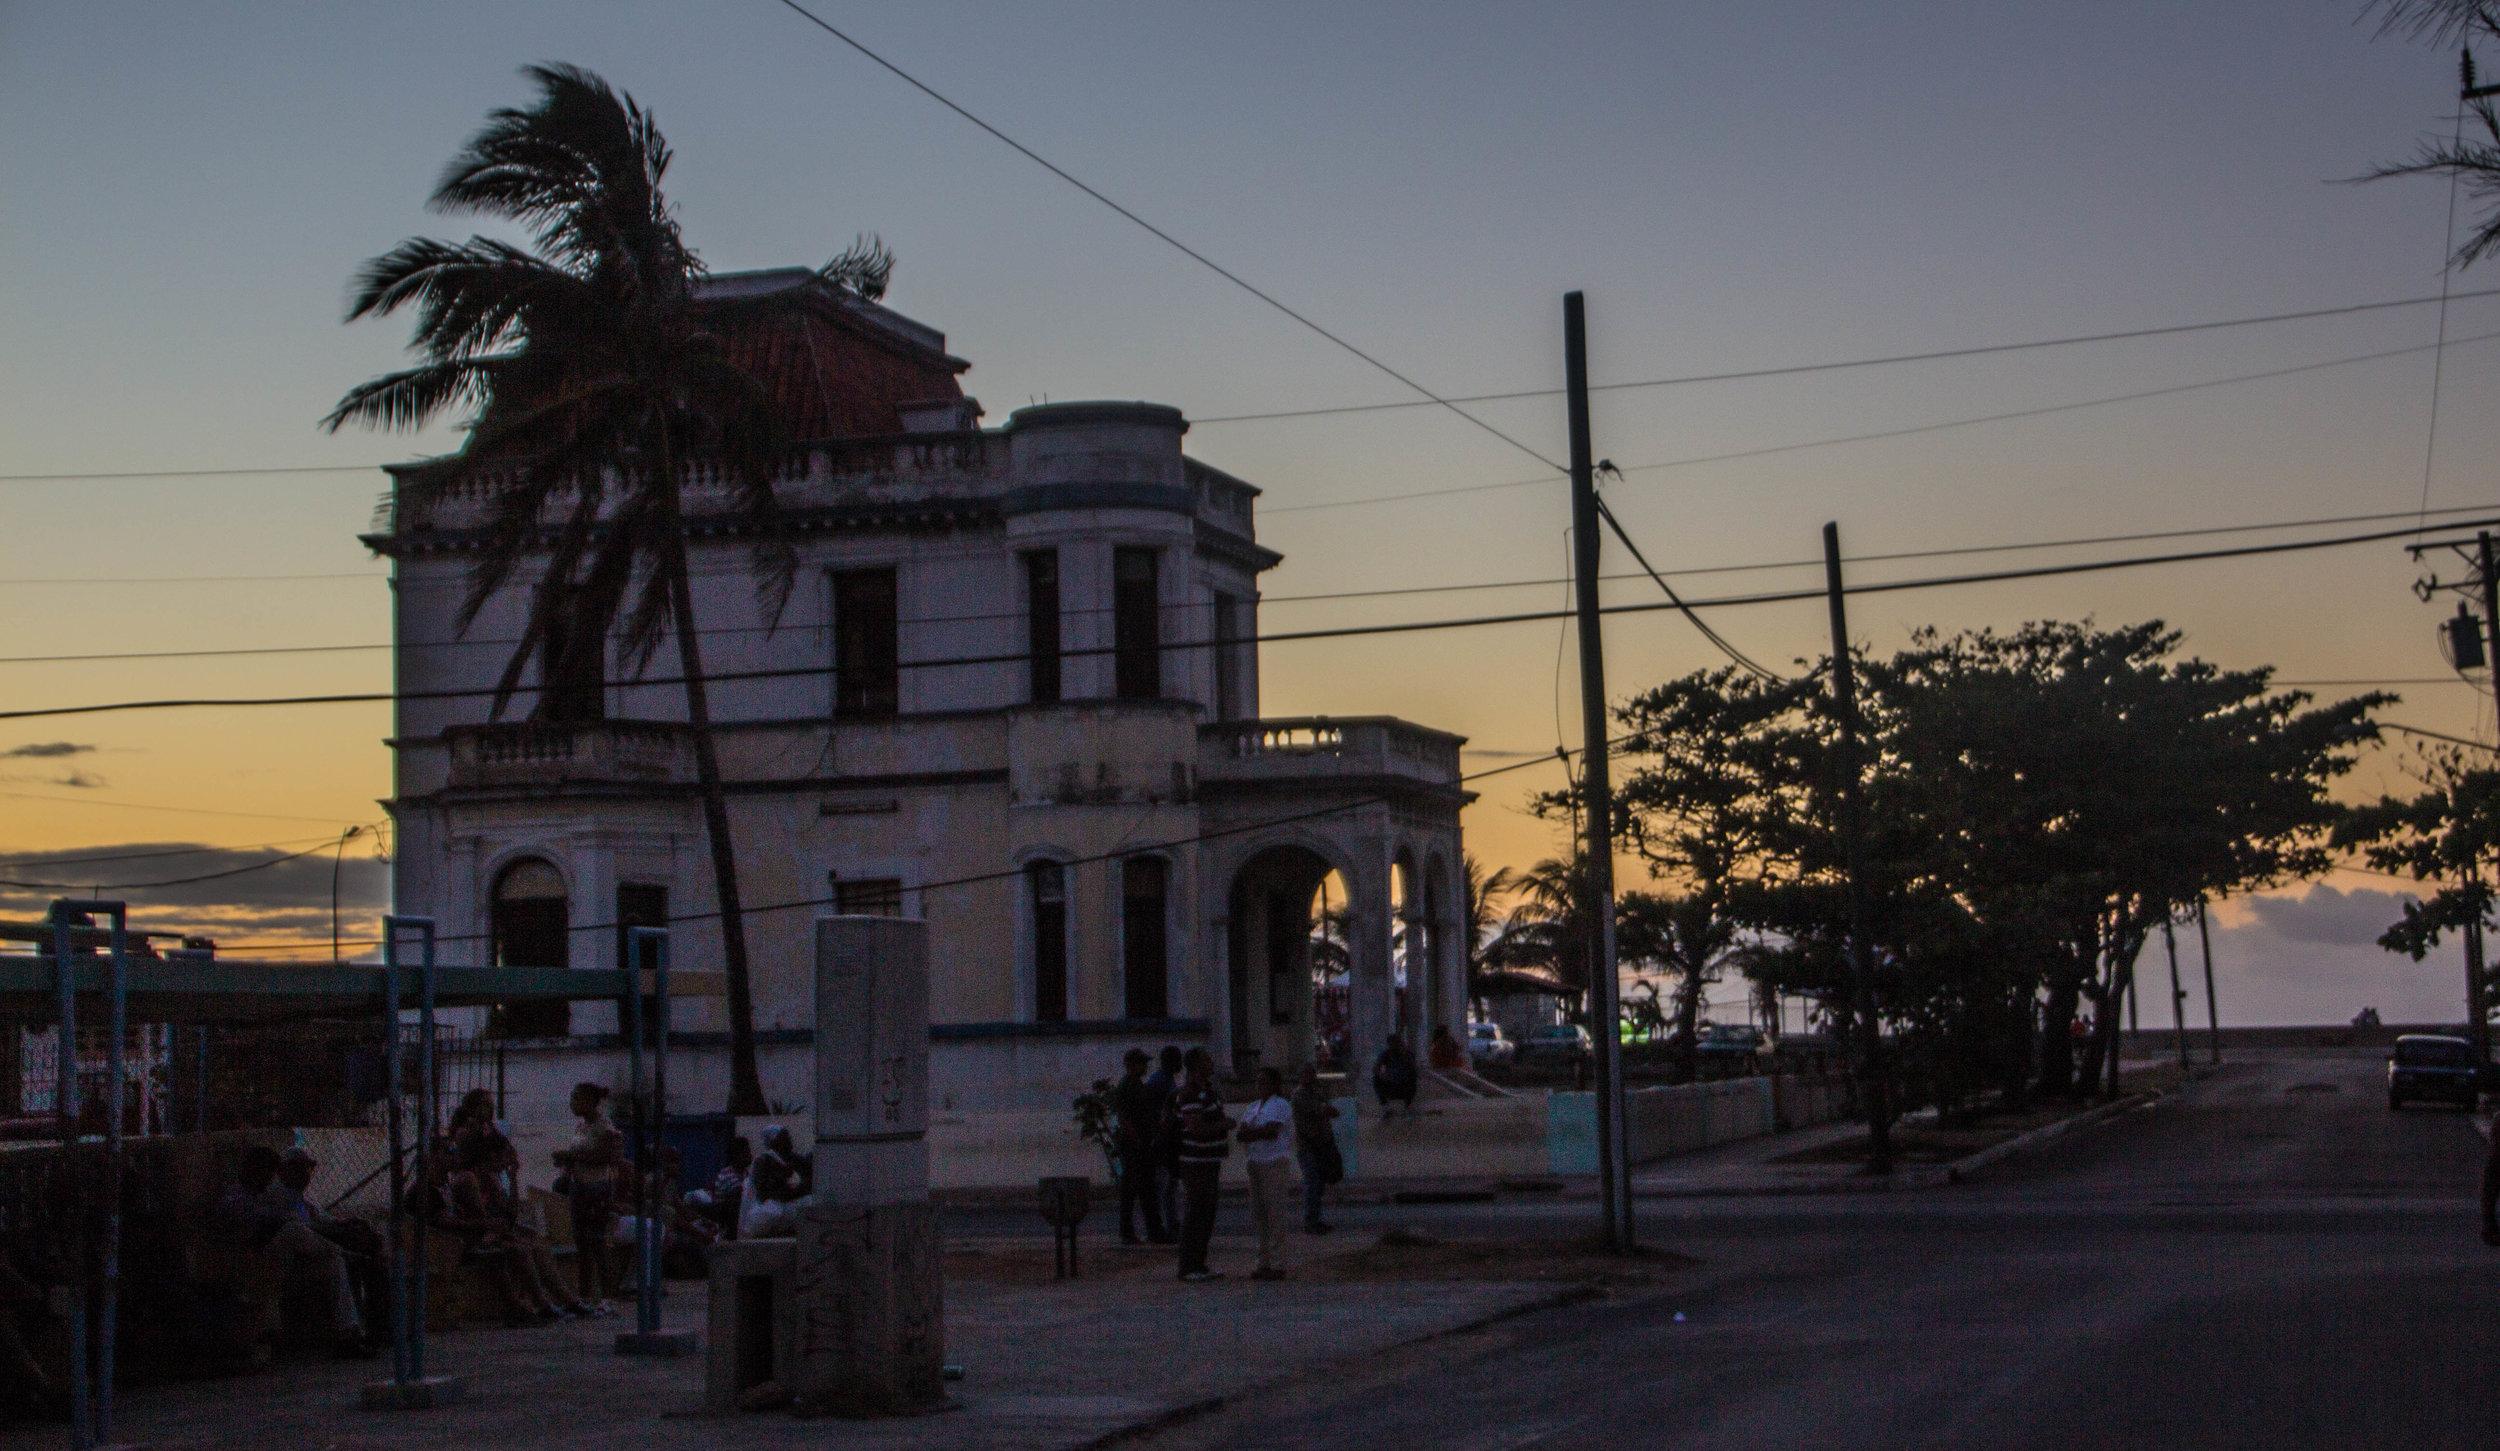 old houses vedado havana cuba-1-4-2.jpg